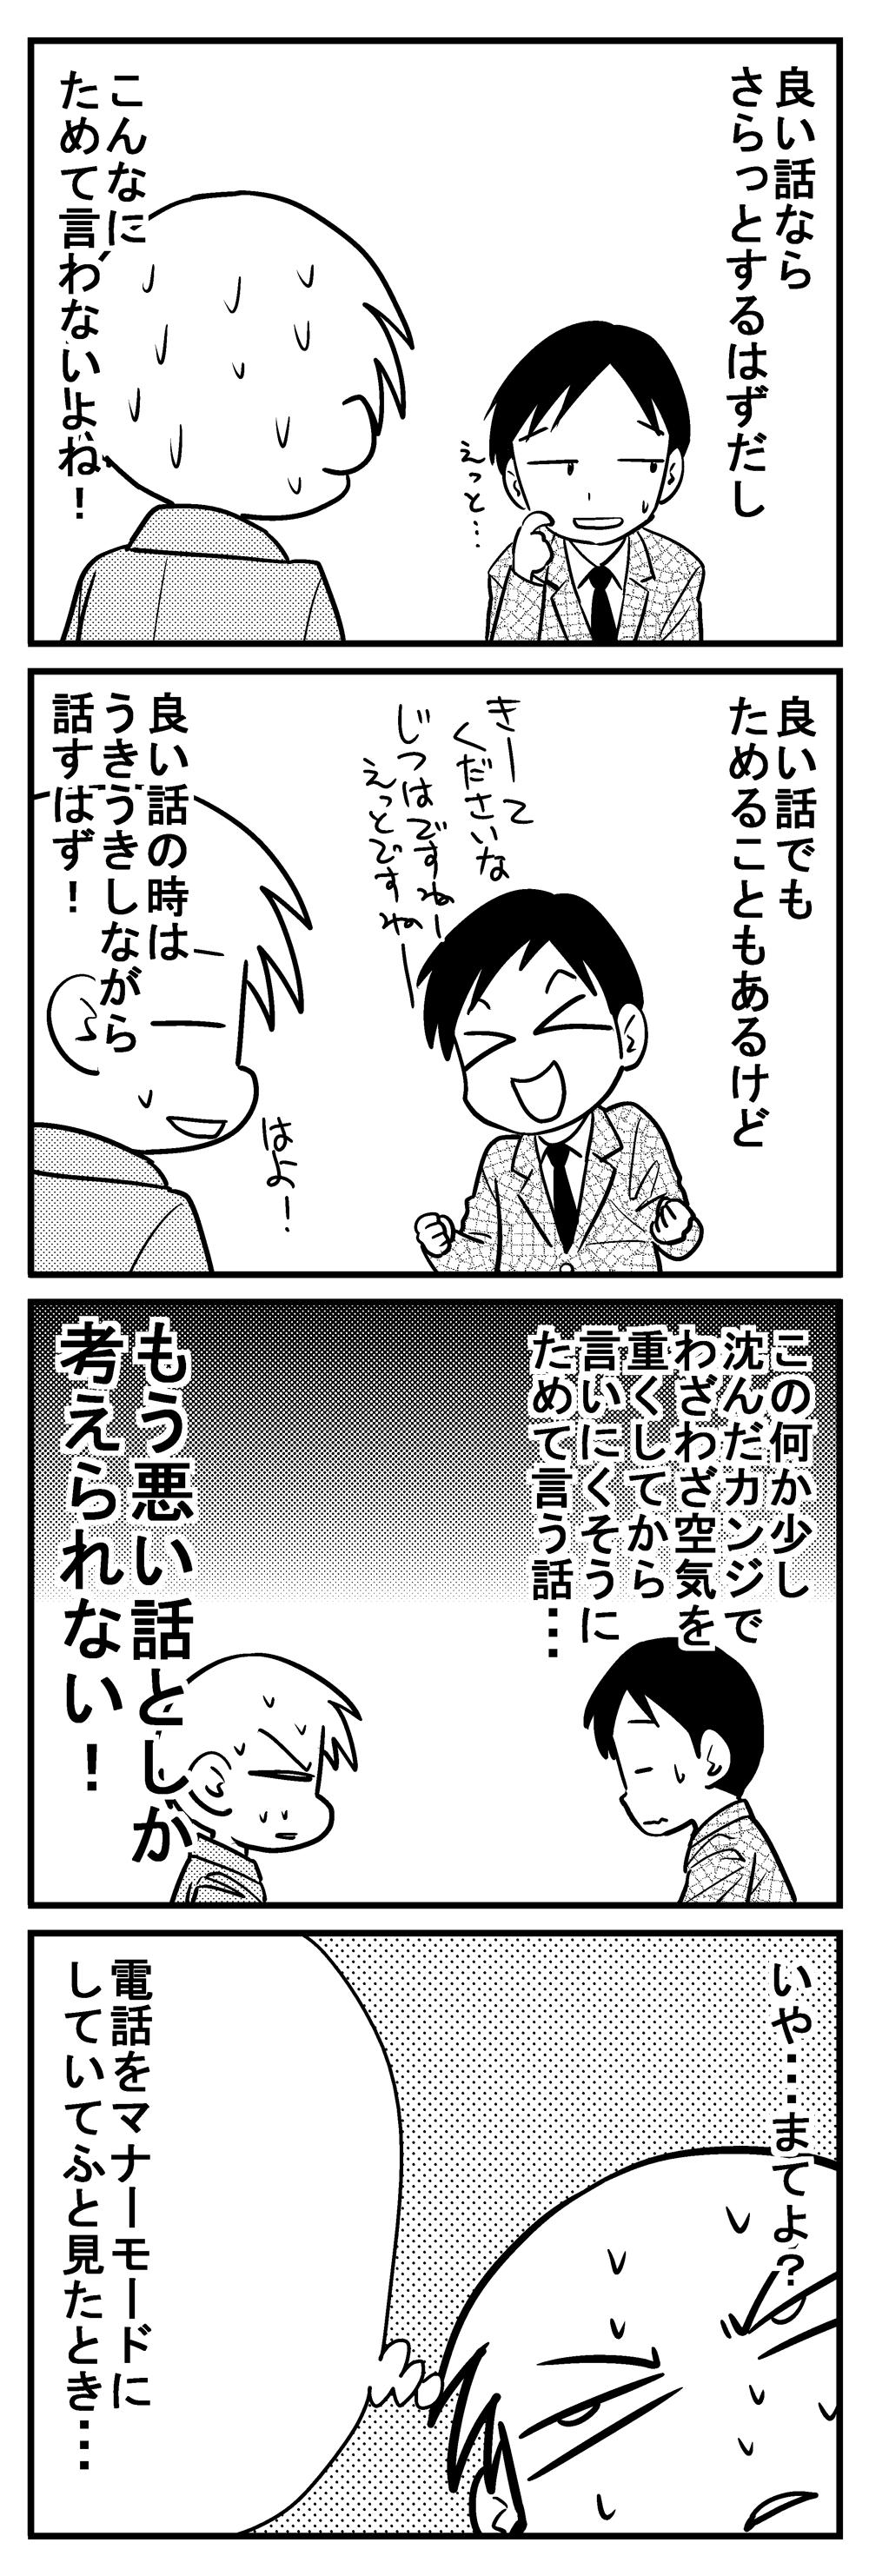 深読みくん56-2